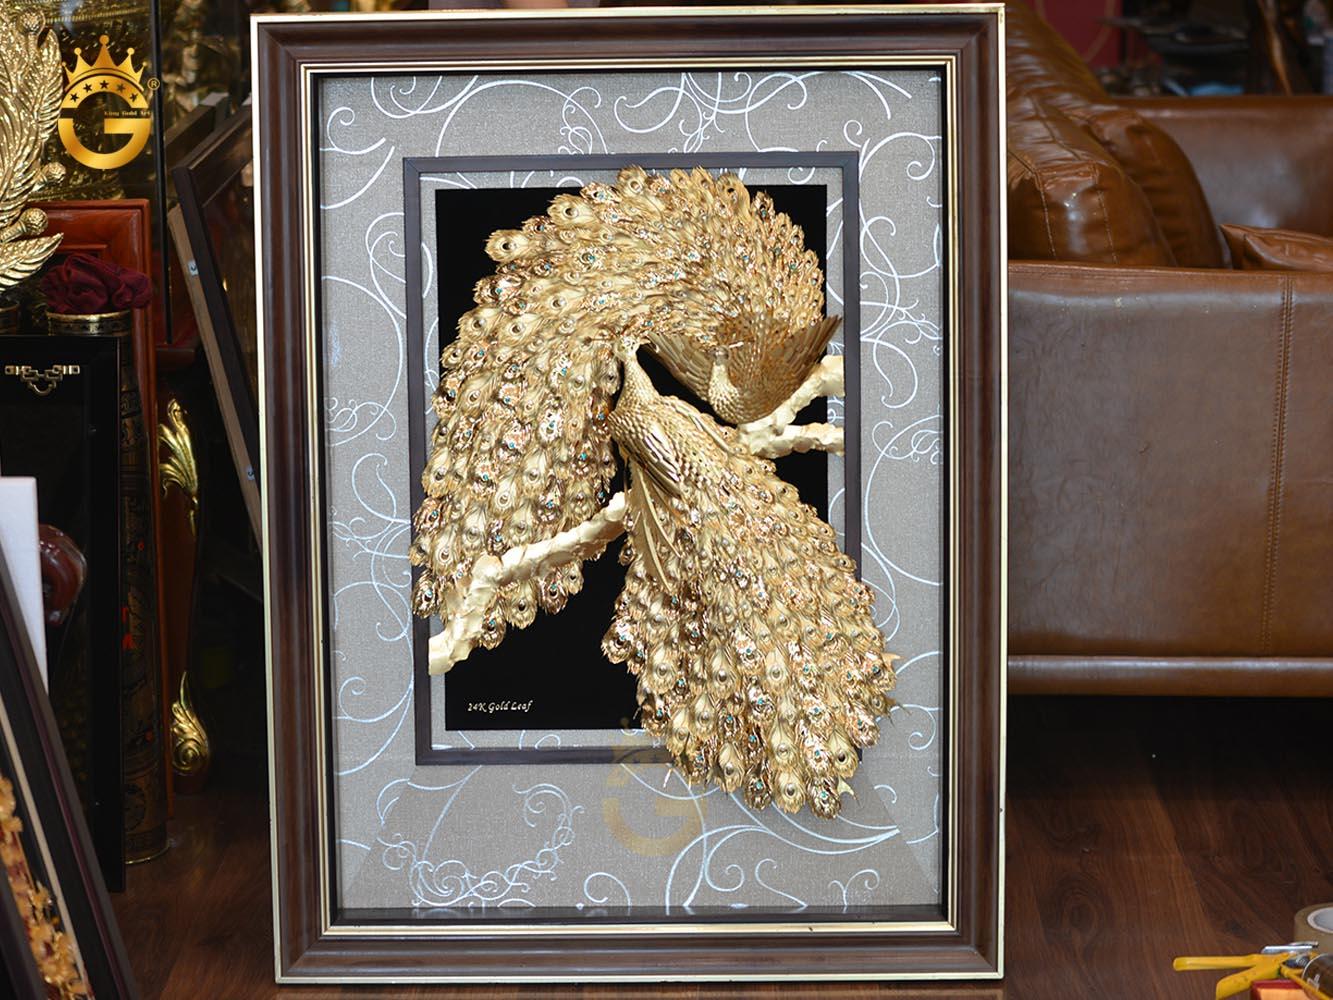 Tranh đôi chim công phú quý cát tường- quà cưới vô cùng ý nghĩa